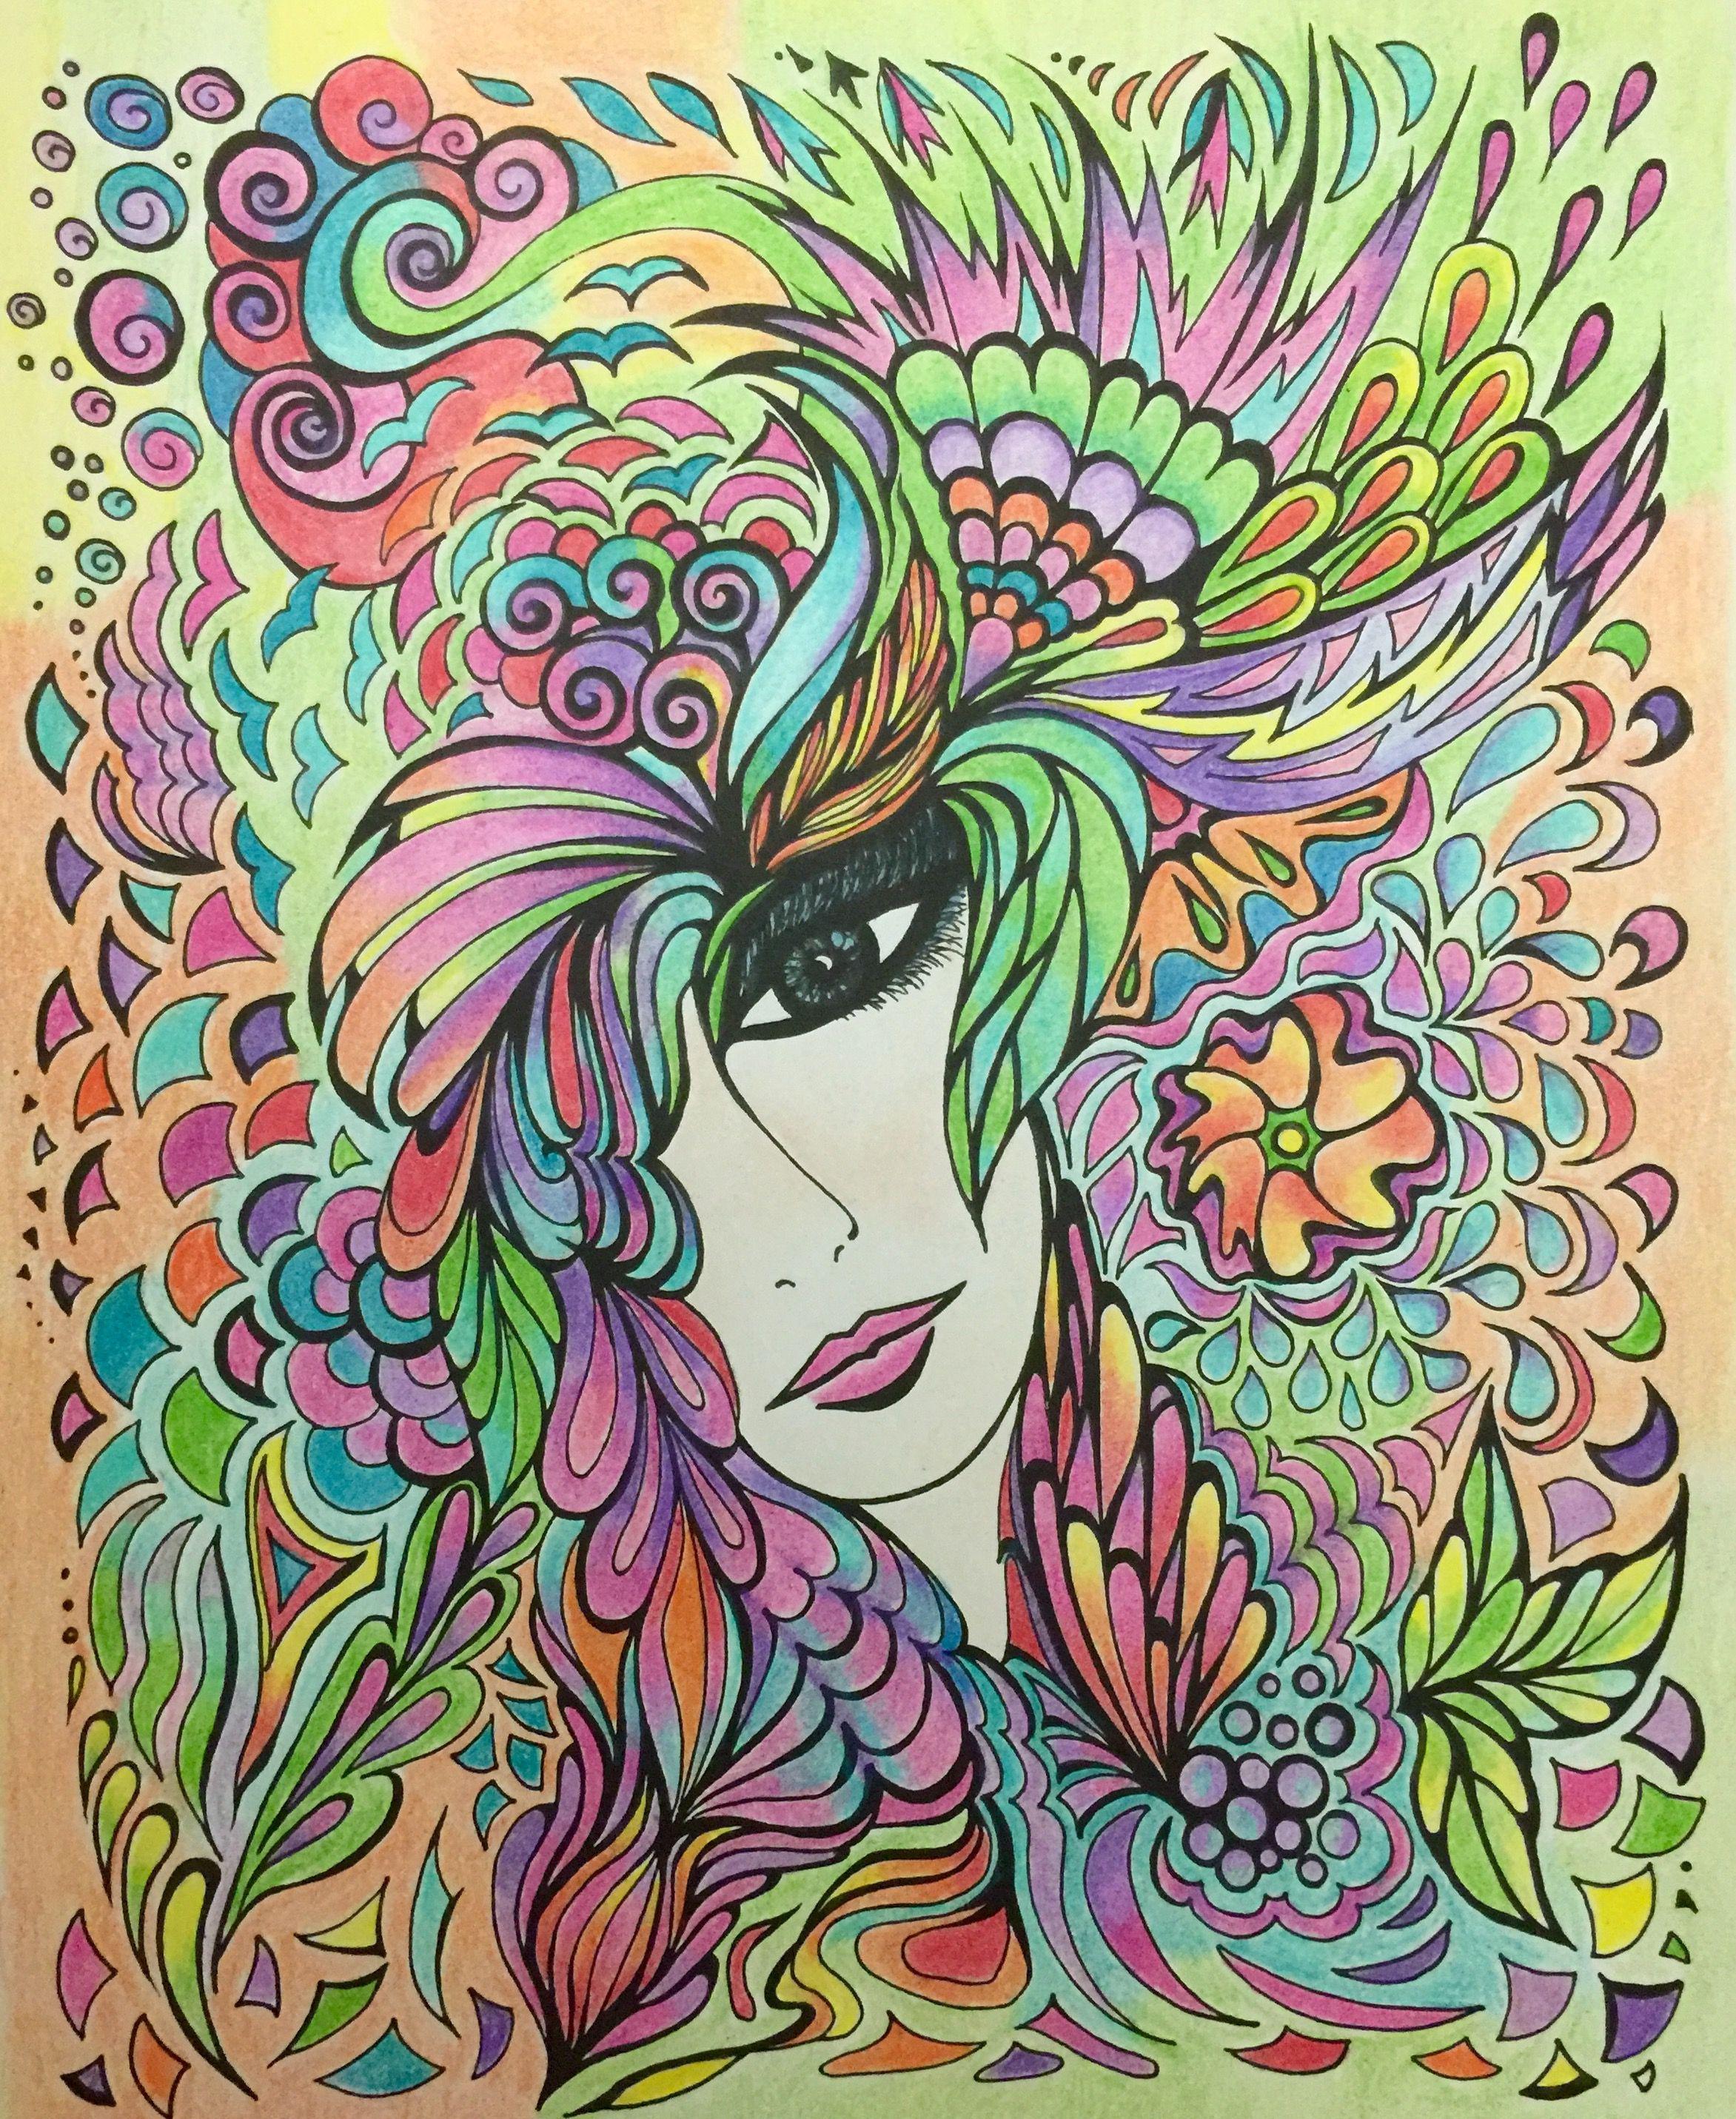 Colour book art - Colour Book Adult Coloring Coloring Books Coloring Pages Book Art Amazons Coloring Colors